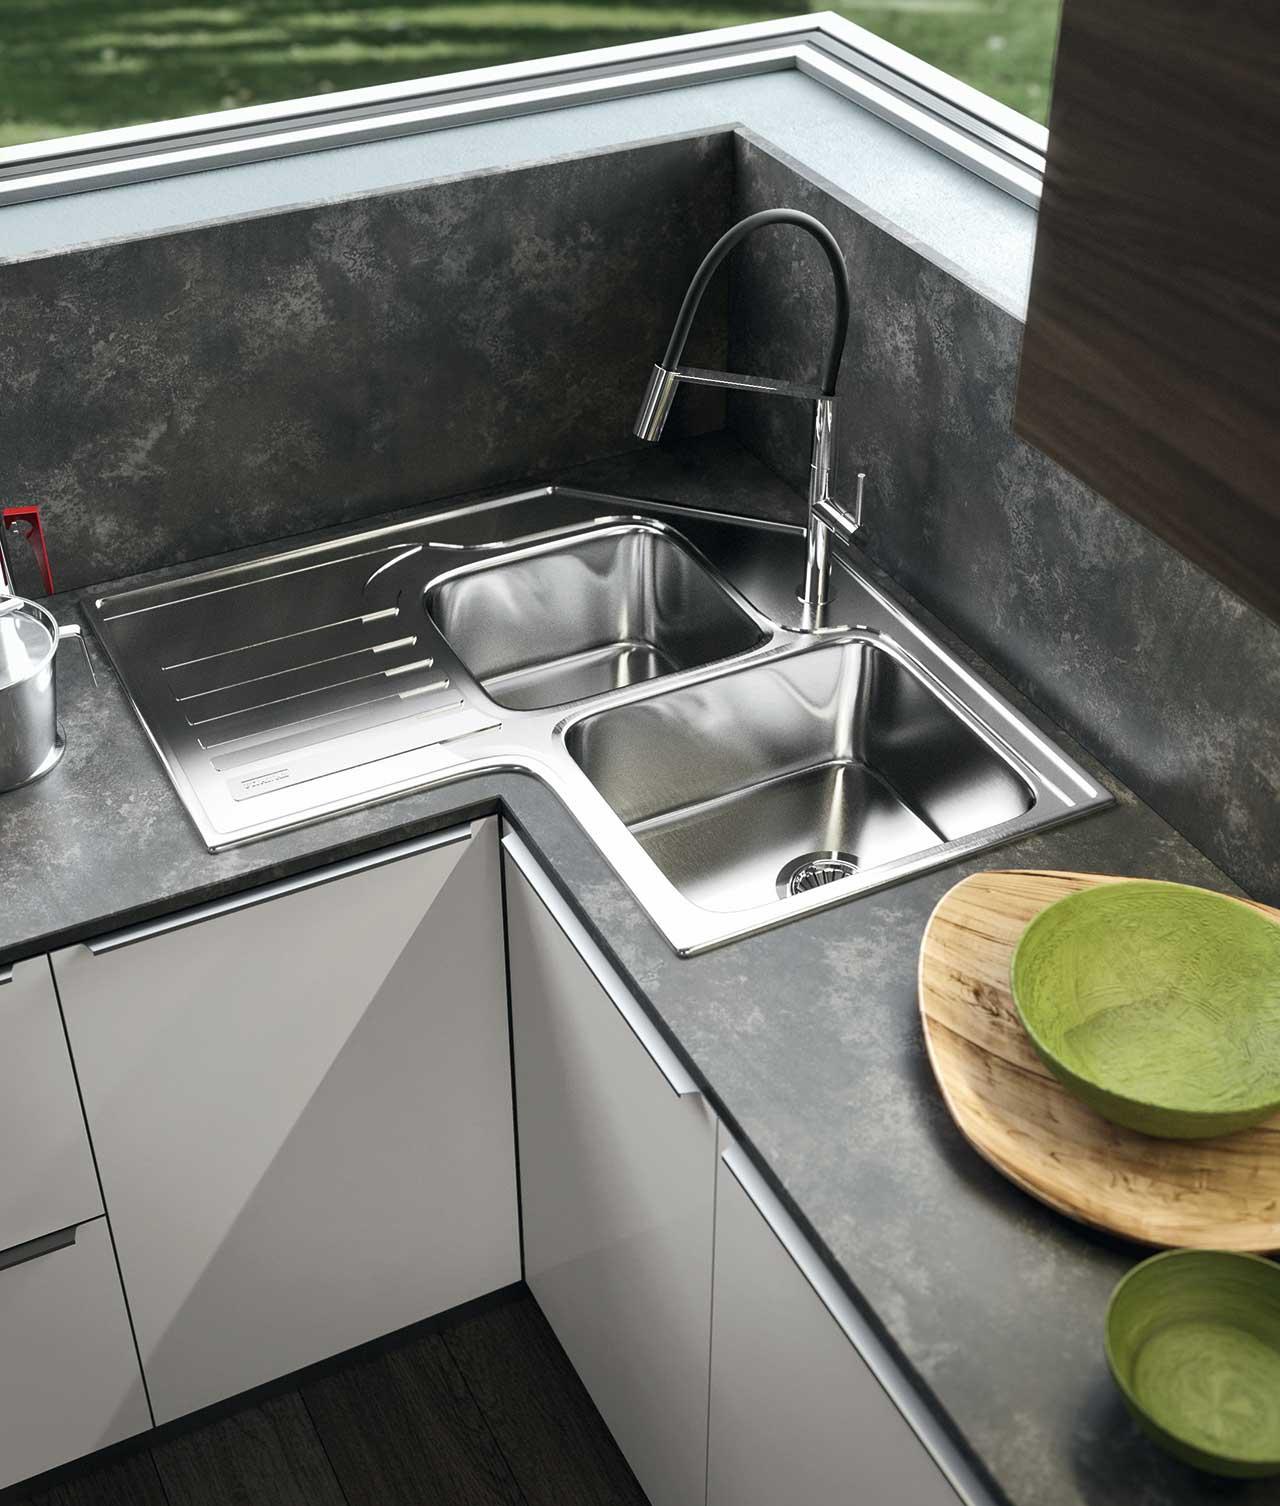 Lavello cucina angolo trendy la vista immagine di x for Lavello cucina angolare